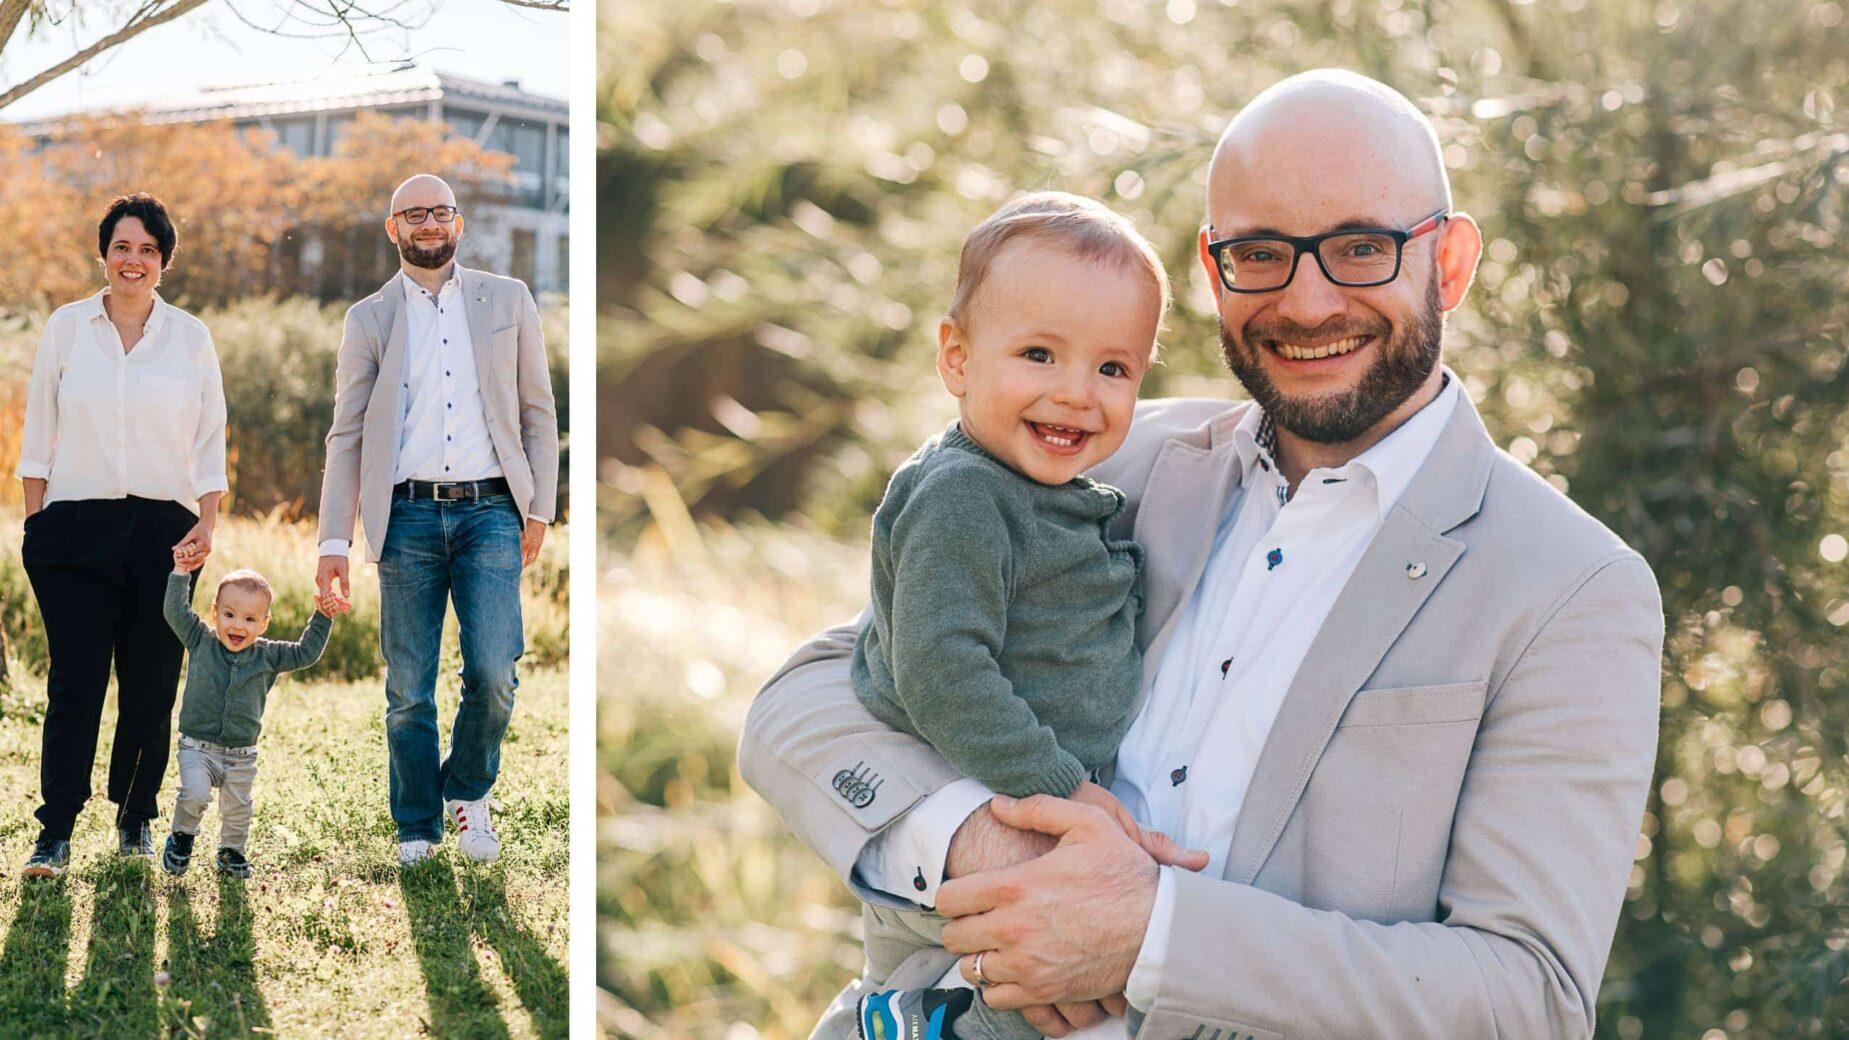 Moderne und lebendige Familienfotografie im Großraum München und Ingolstadt